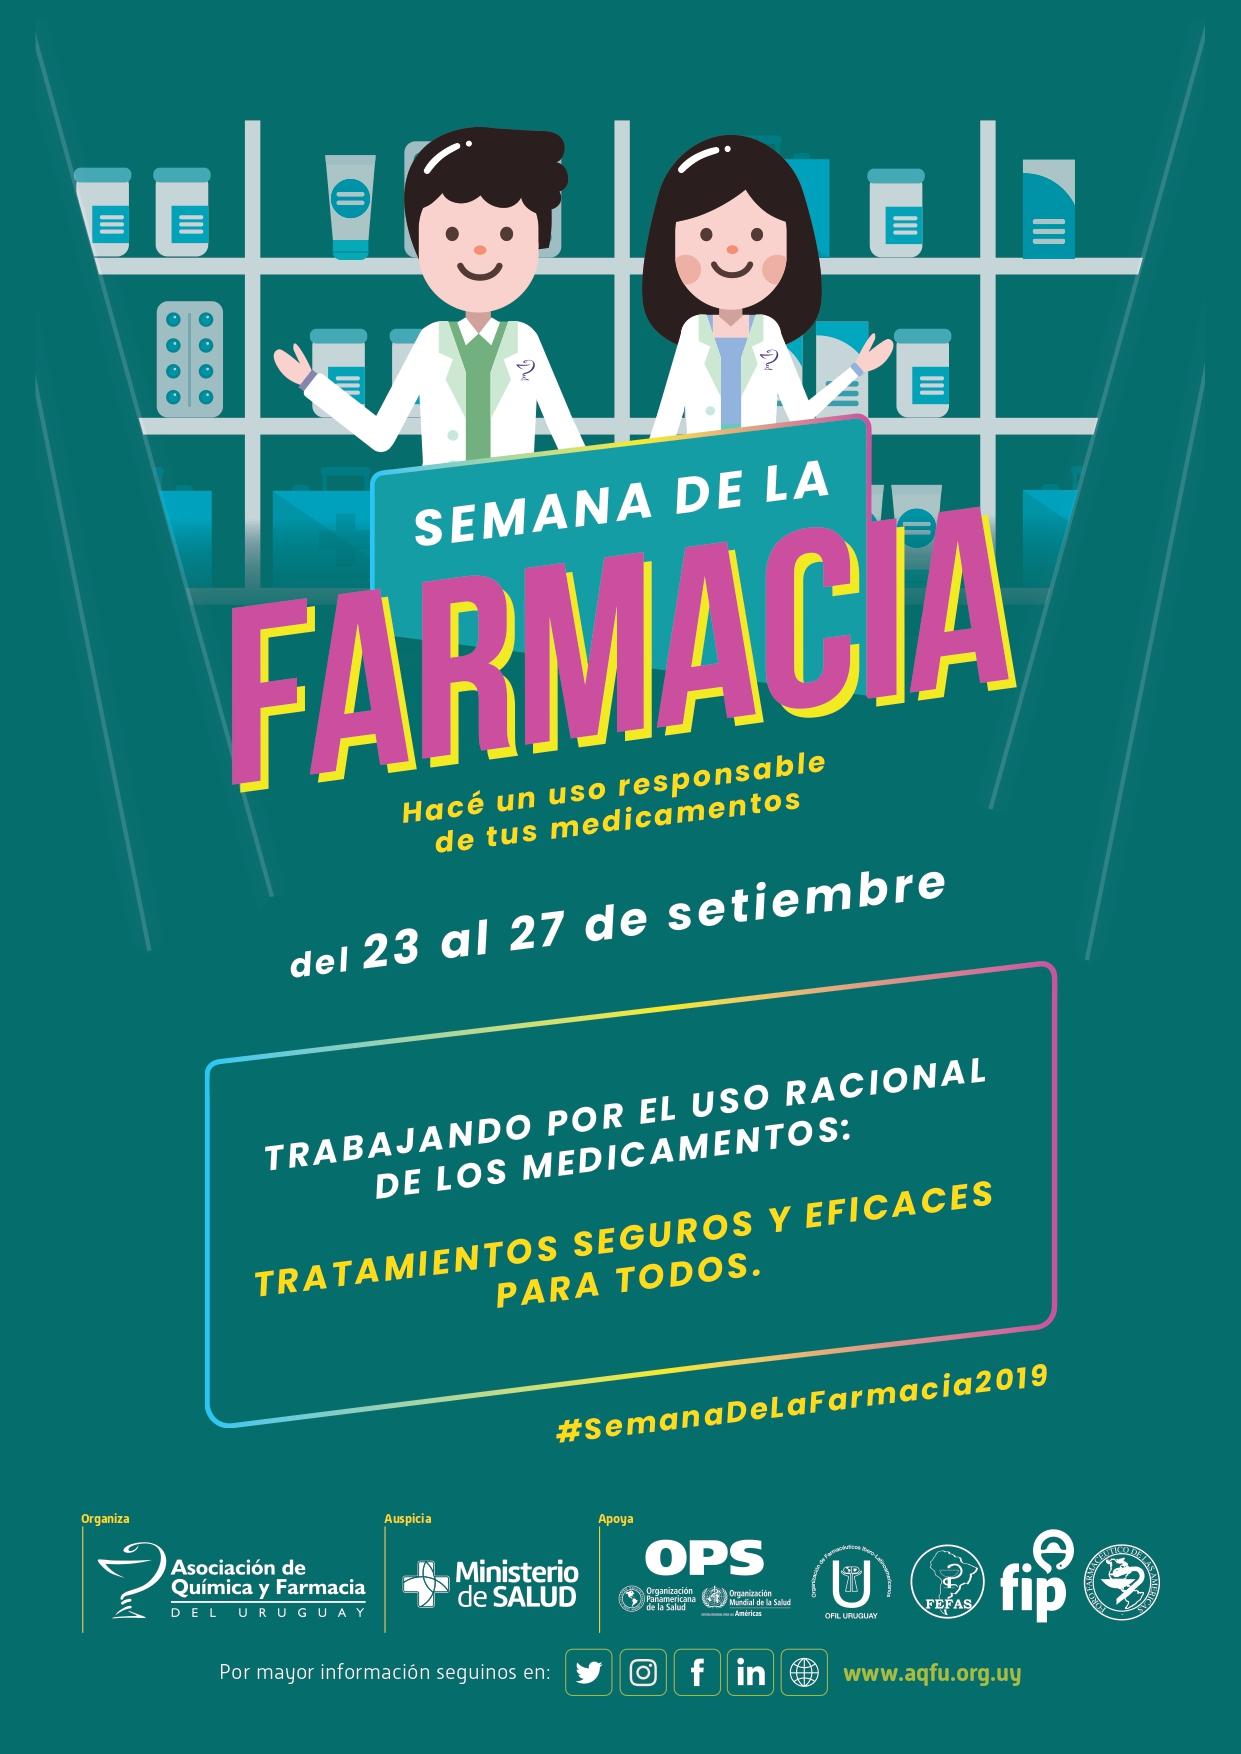 Semana de la farmacia_1_page-0001